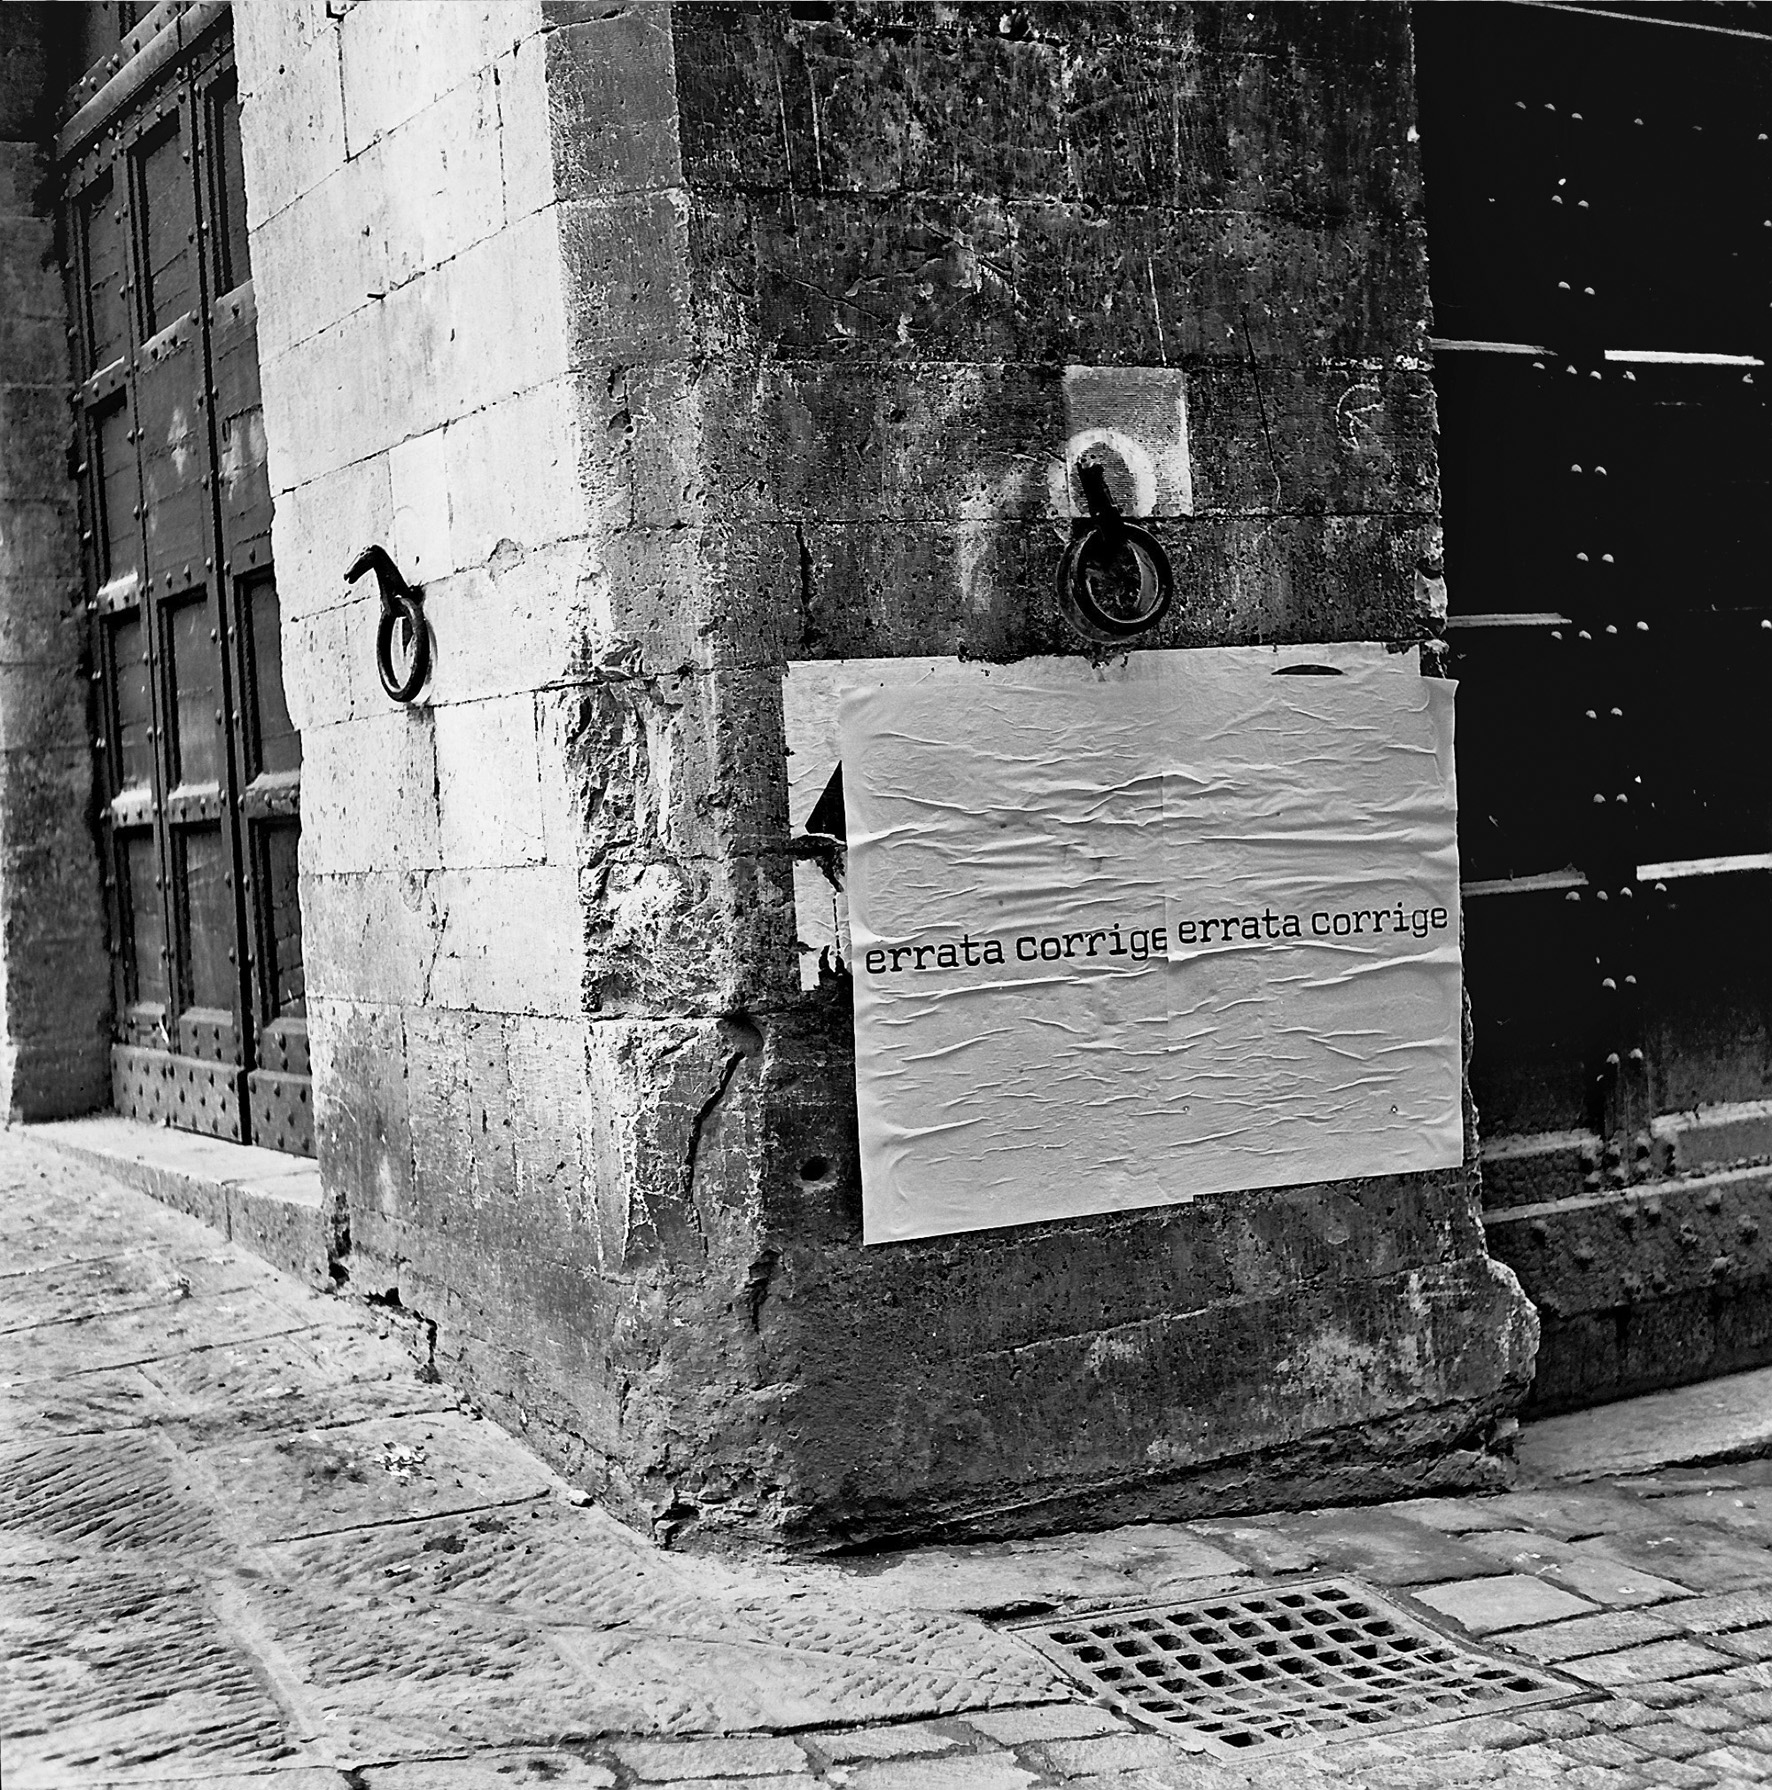 Errata corrige, 1975: Gubbio, Palazzo dei Consoli